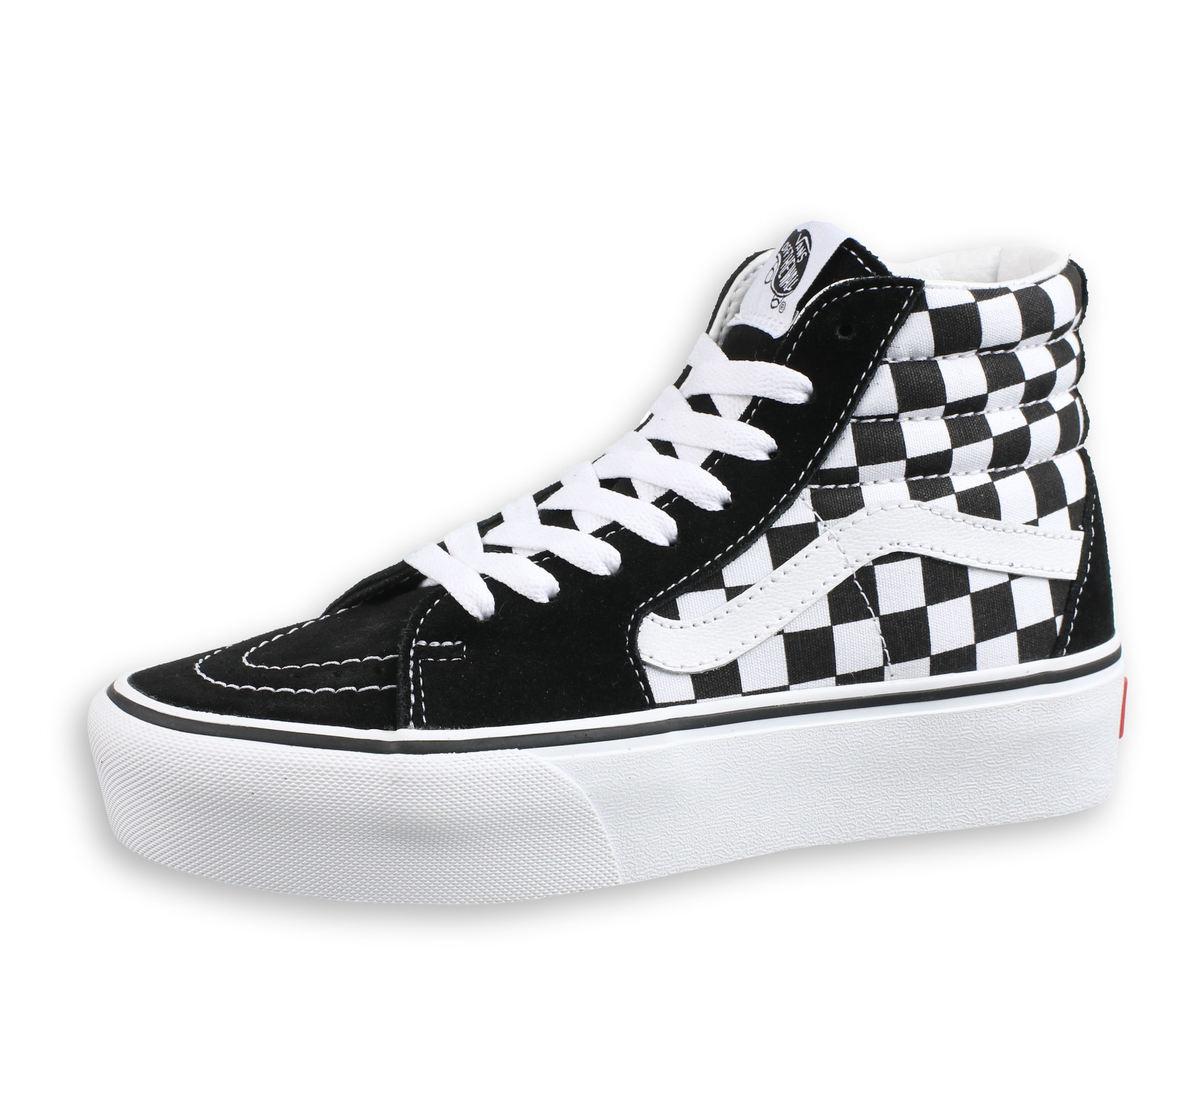 951818162 high sneakers unisex UA SK8-Hi Platform 2 - VANS - VN0A3TKNQXH -  metal-shop.eu